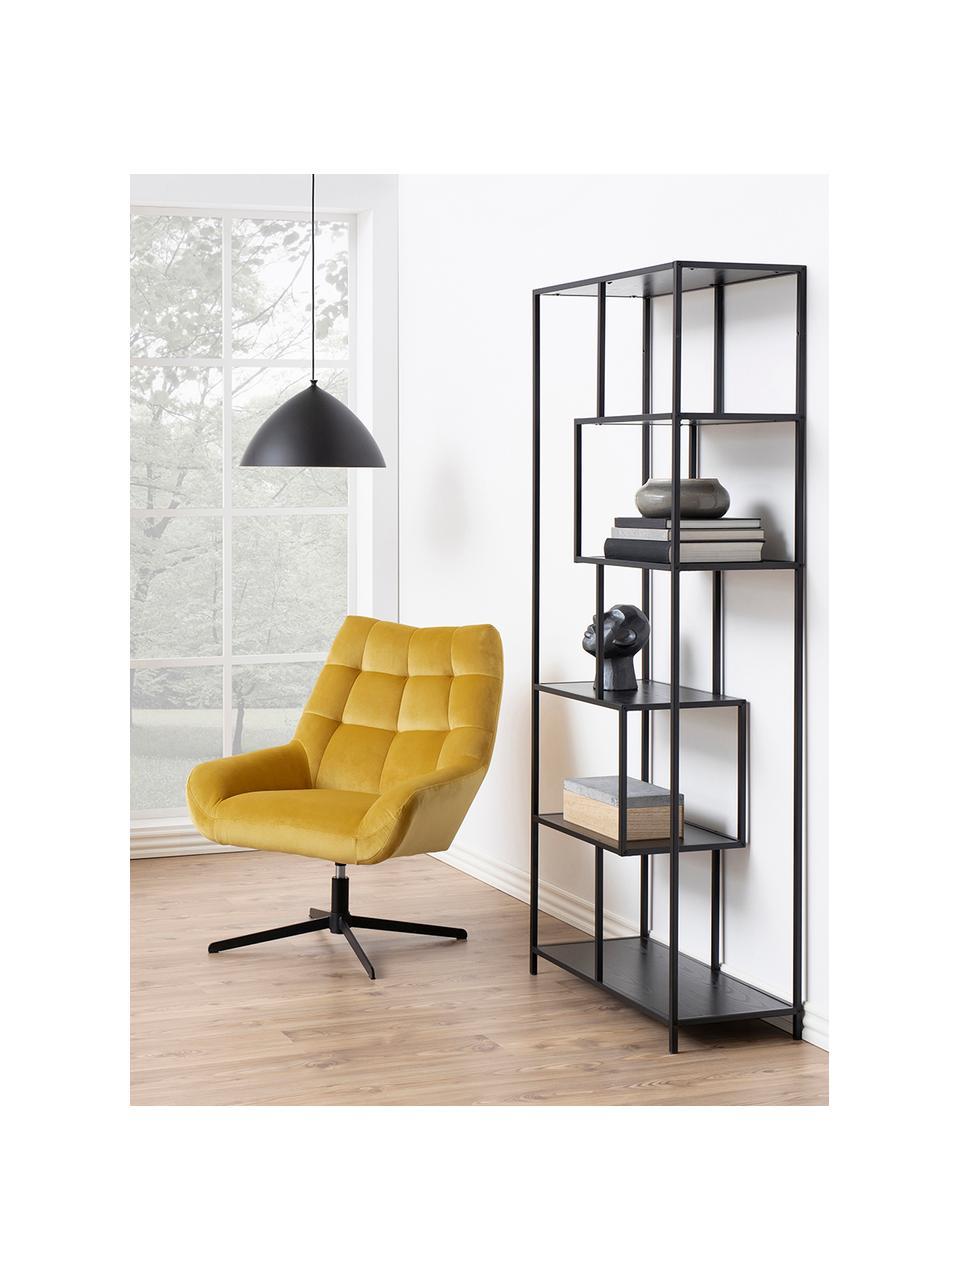 Libreria in legno e metallo Seaford, Ripiani: pannello di fibra a media, Struttura: metallo verniciato a polv, Nero, Larg. 77 x Alt. 185 cm